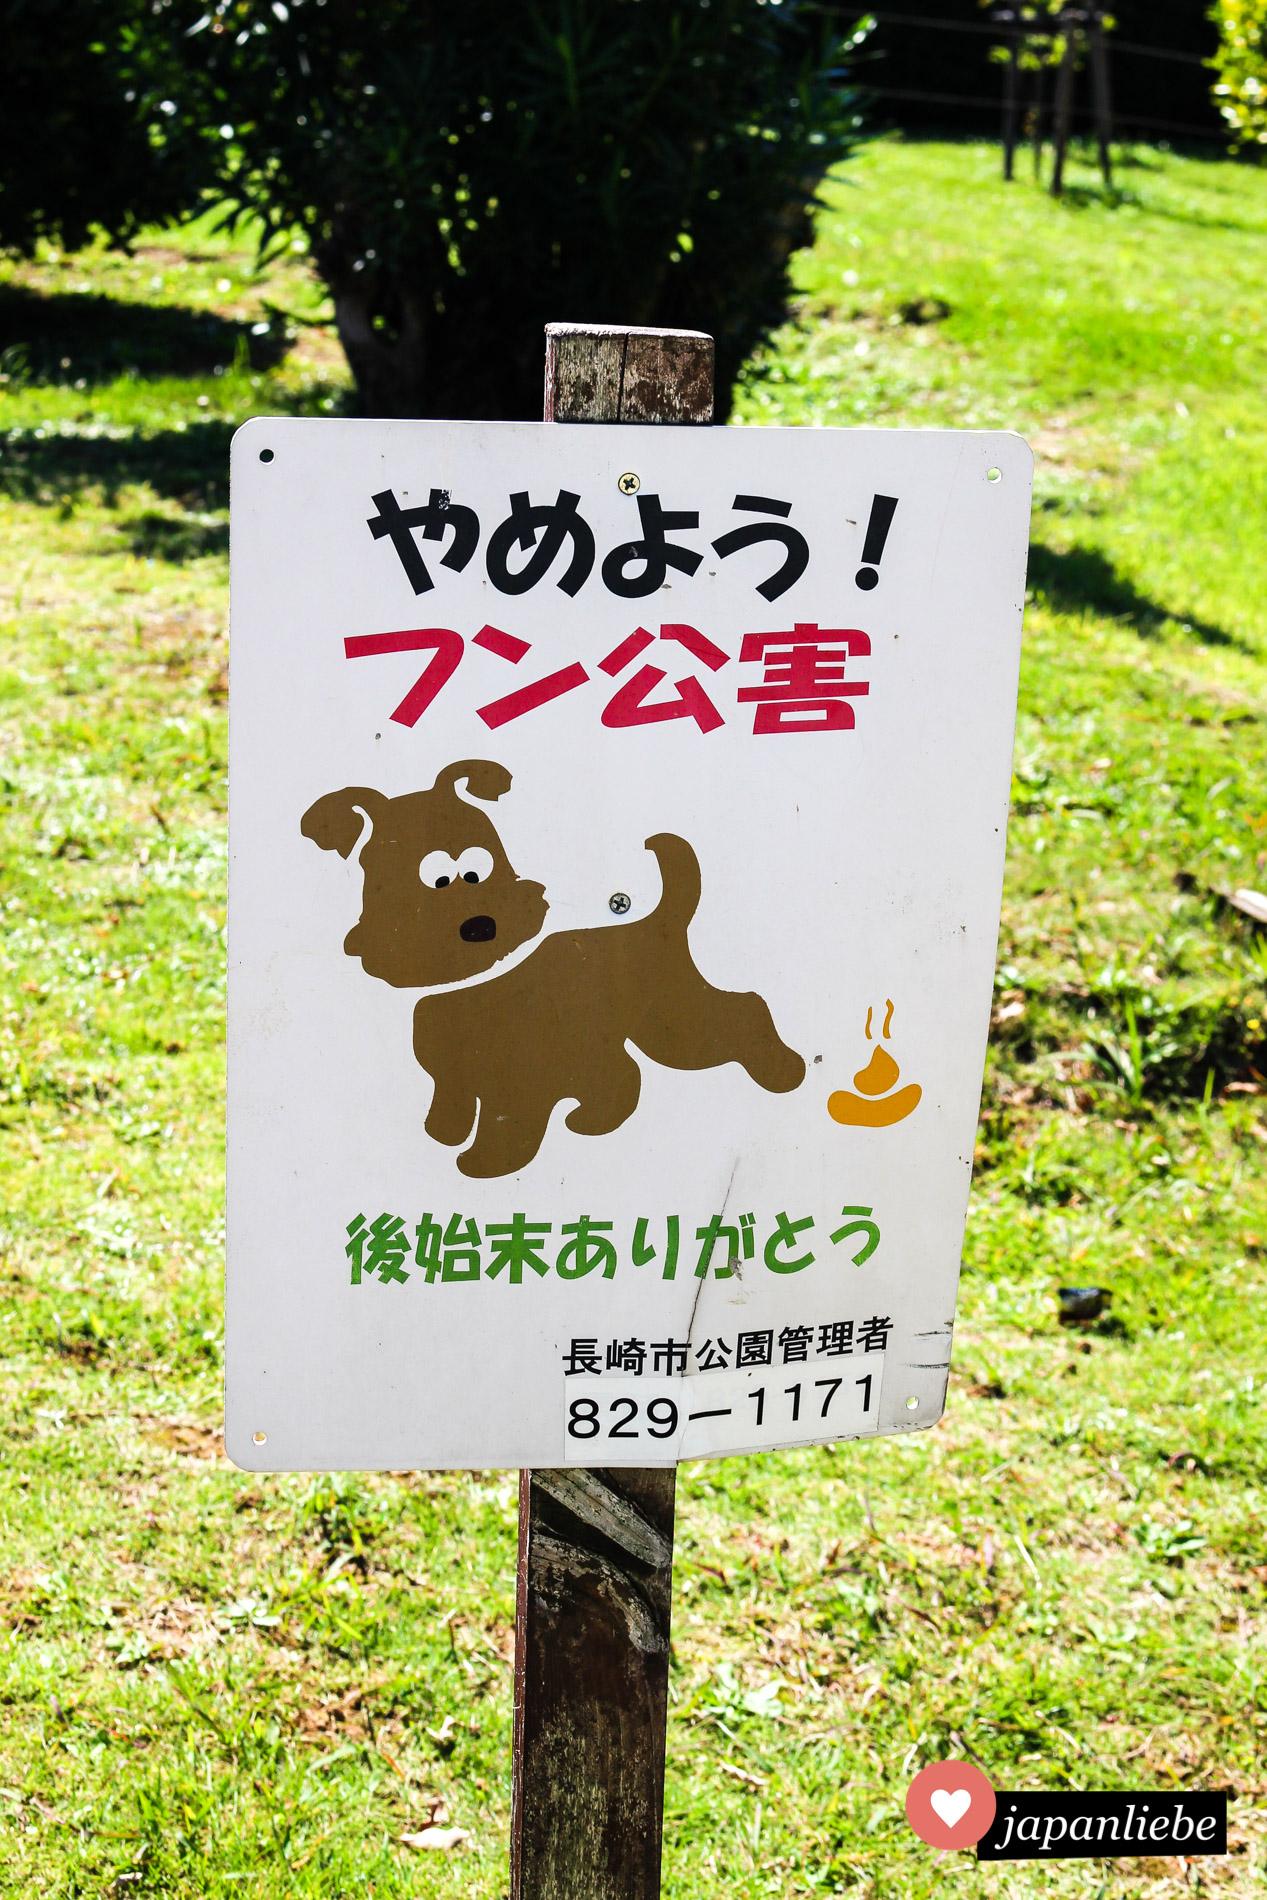 In Nagasaki sehen Hundehäufchen goldfarben aus.